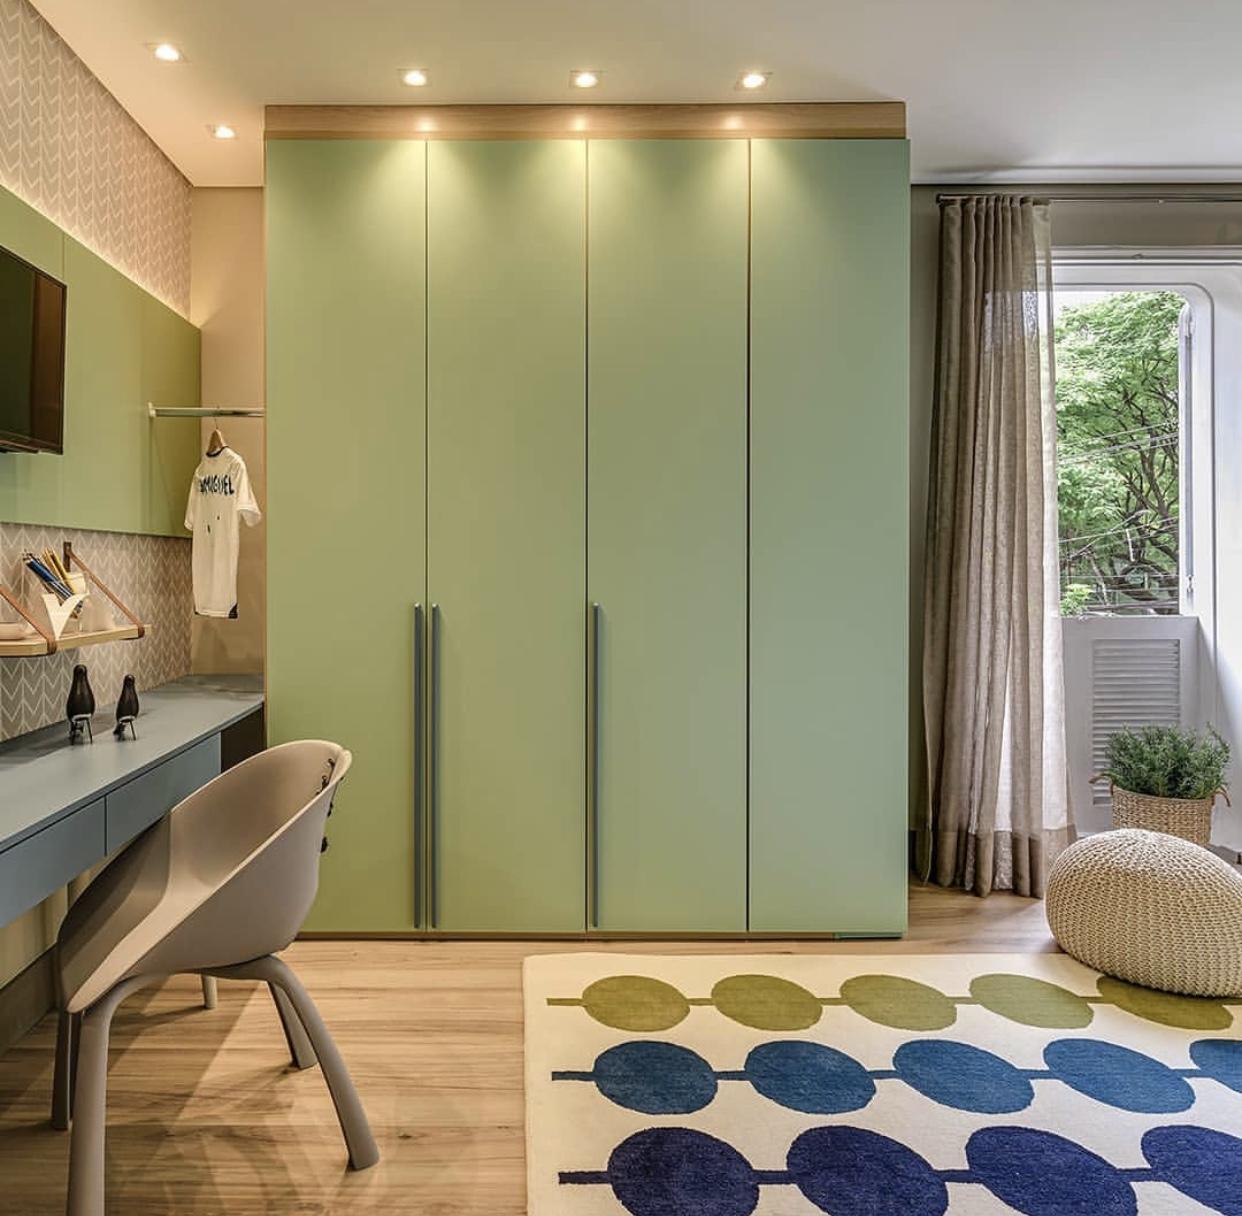 quarto de menino com verde e azul, tapete moderno e pintura de gatinho e guarda roupa verde piso laminado Eucatex